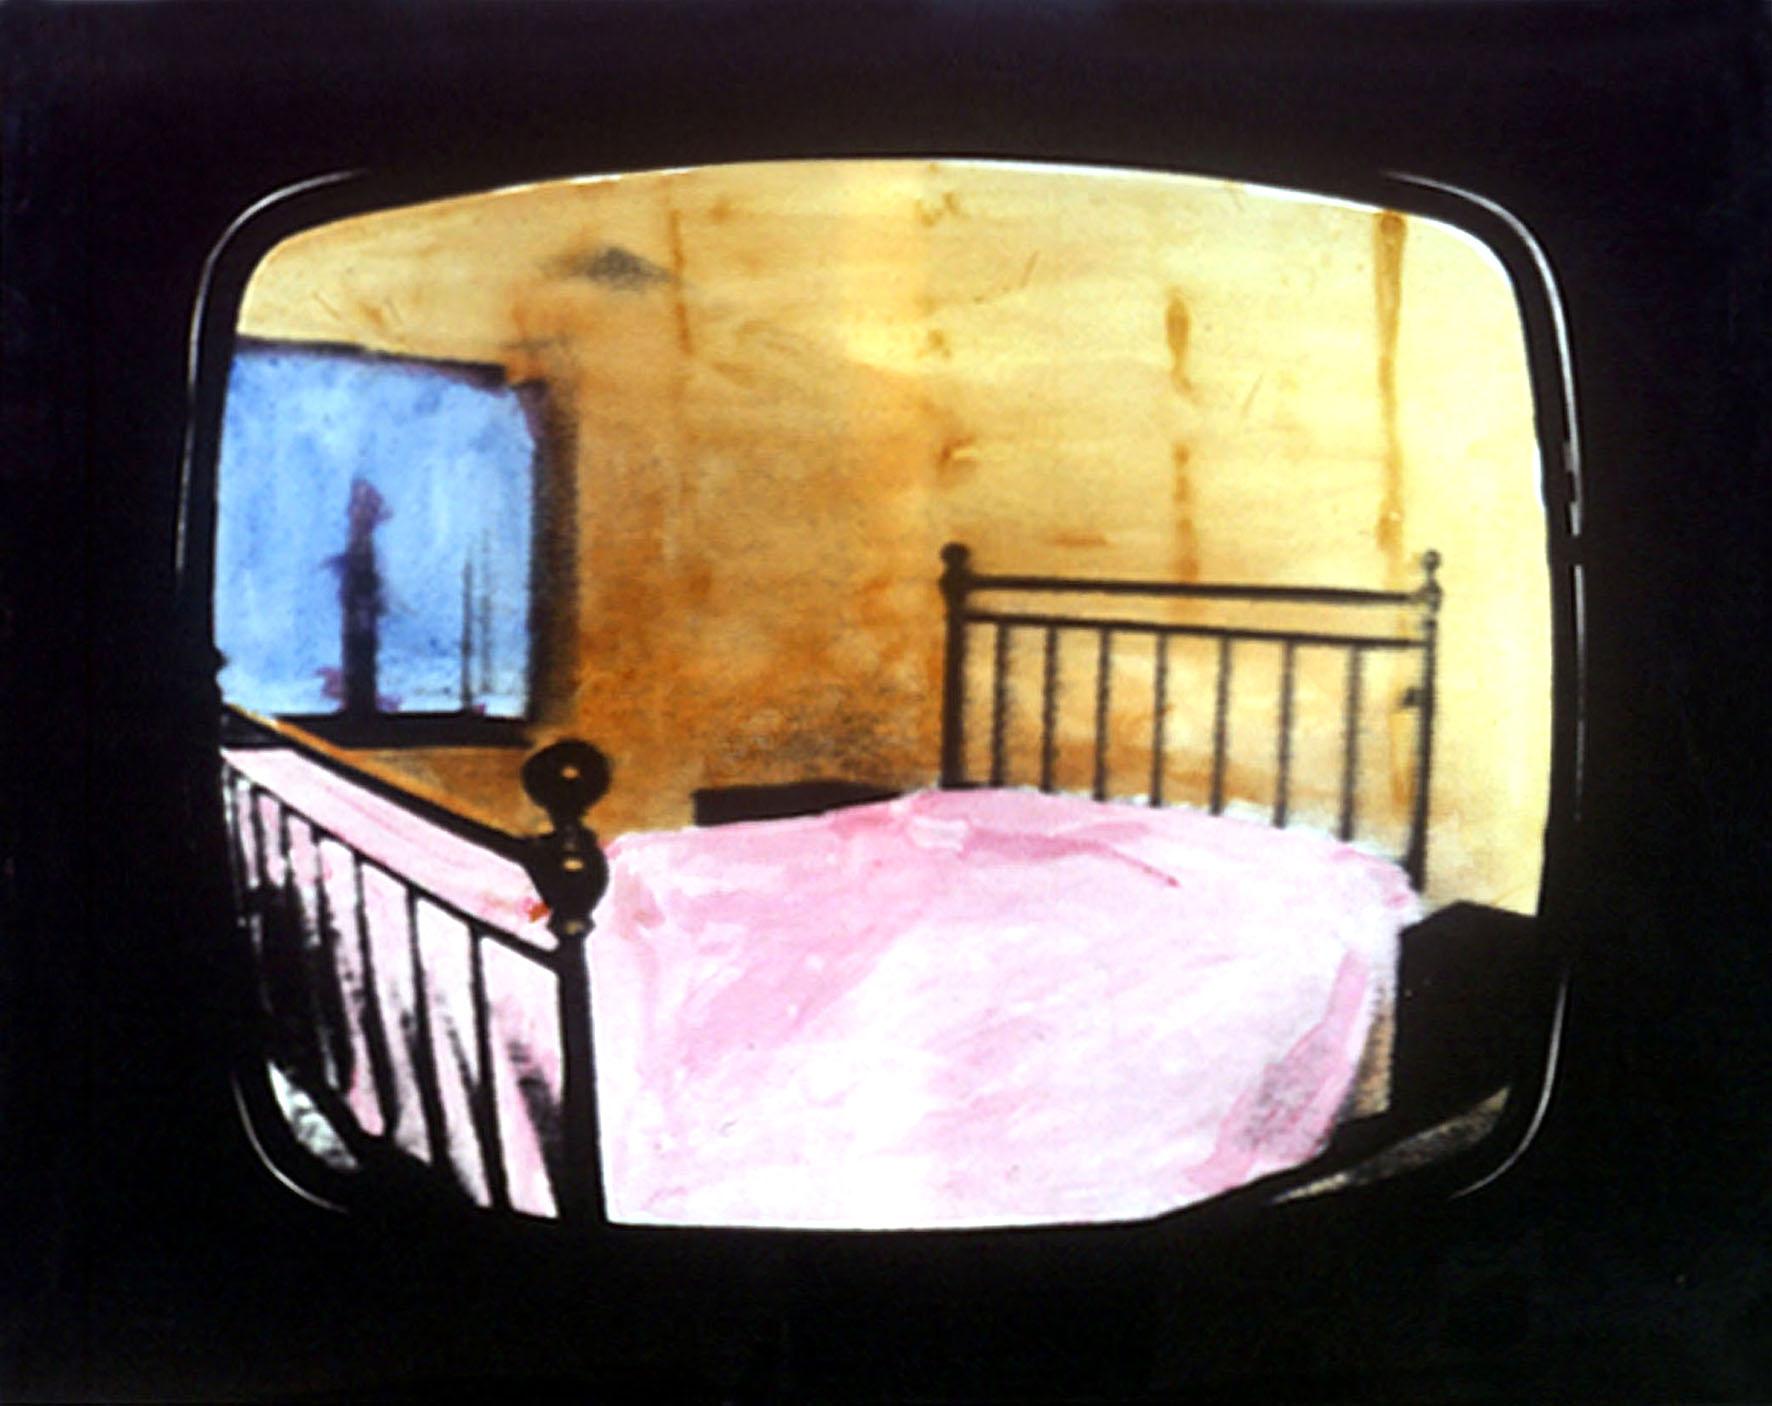 Mario Schifano - Paesaggio TV - 1970 - Courtesy Fondazione Marconi, Milano